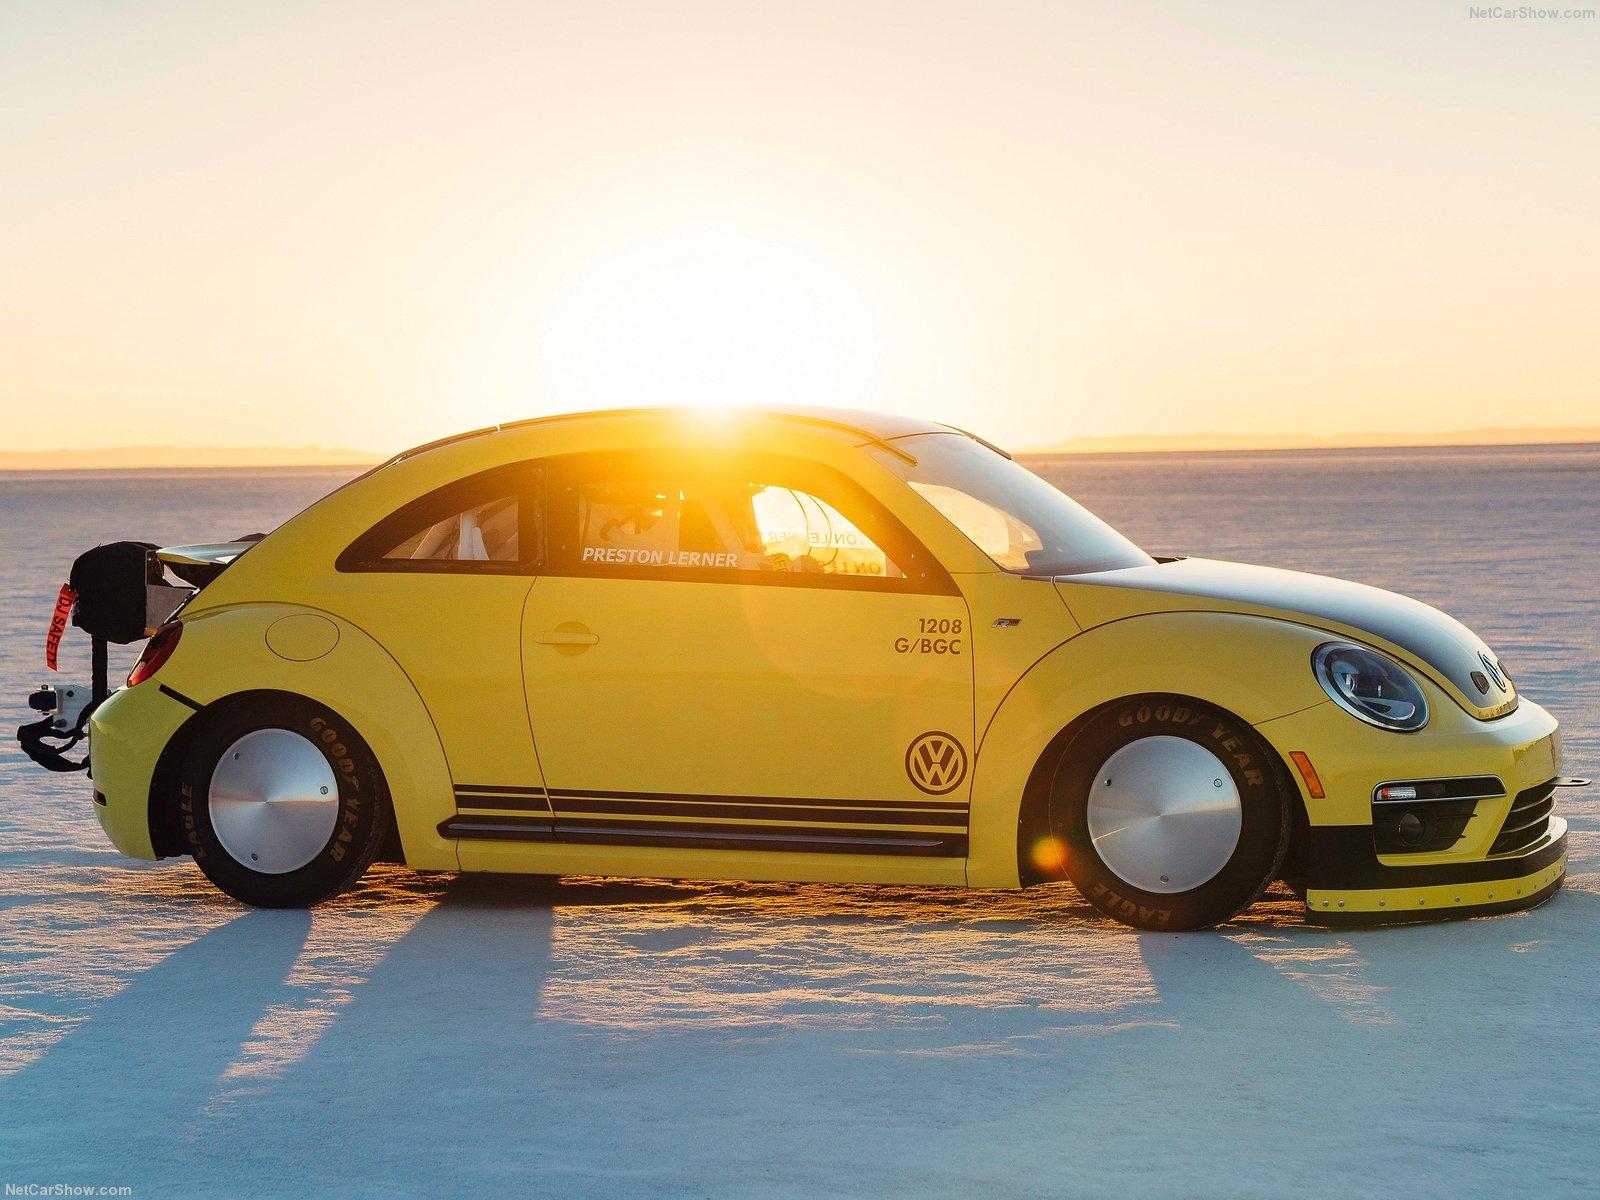 Un Volkswagen Beetle a más de 330 km/h